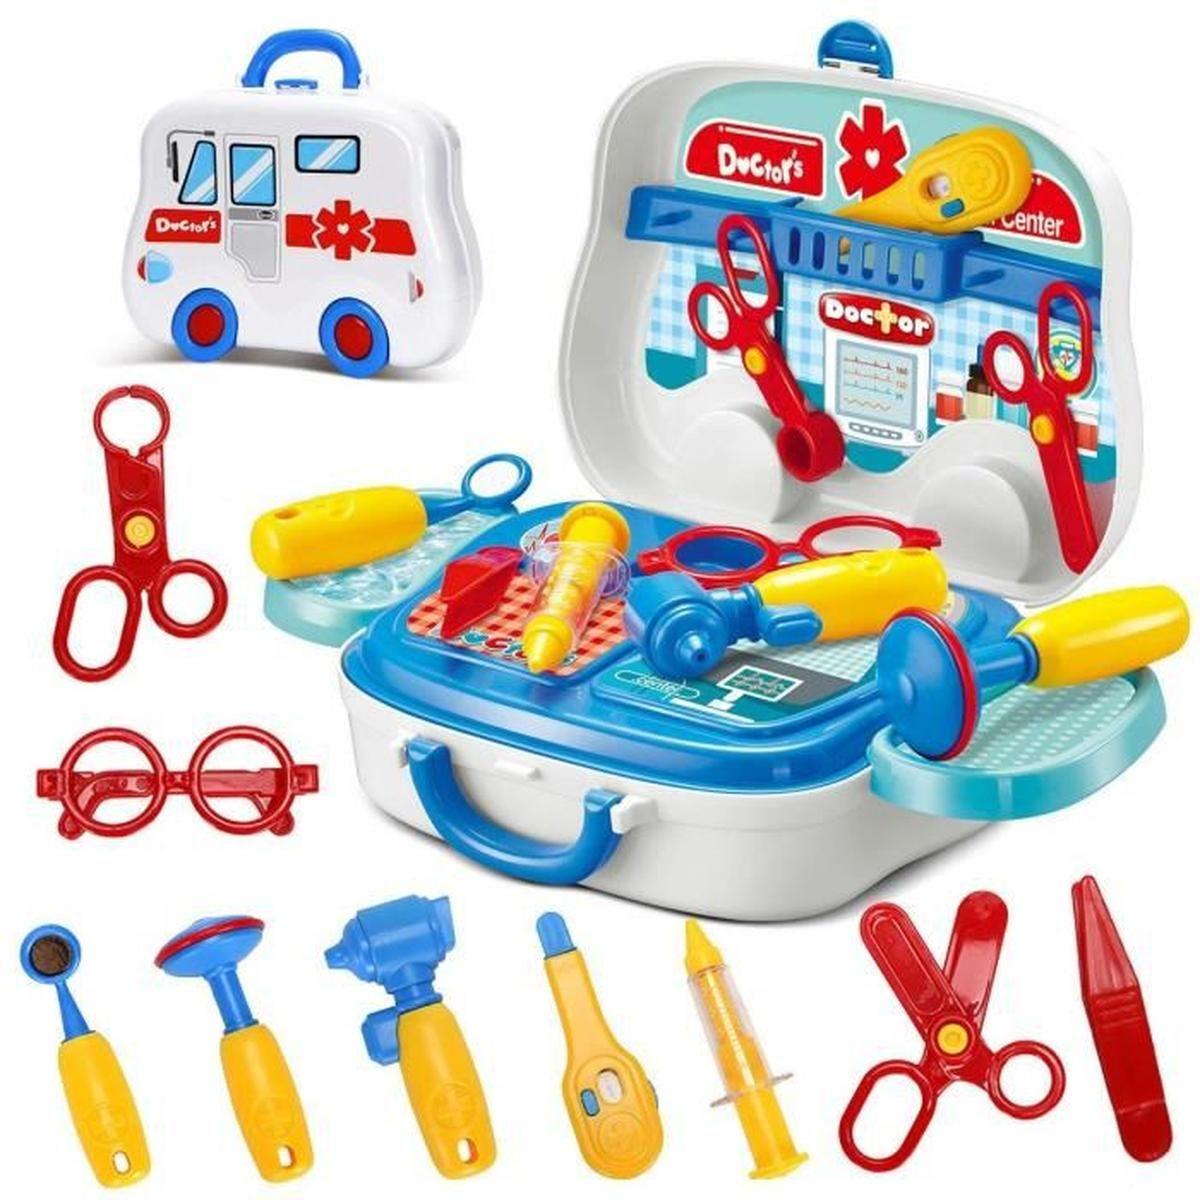 1Pcs Malette De Docteur Avec Accessoires Jeux D'imitation dedans Jeux Enfant De 3 Ans